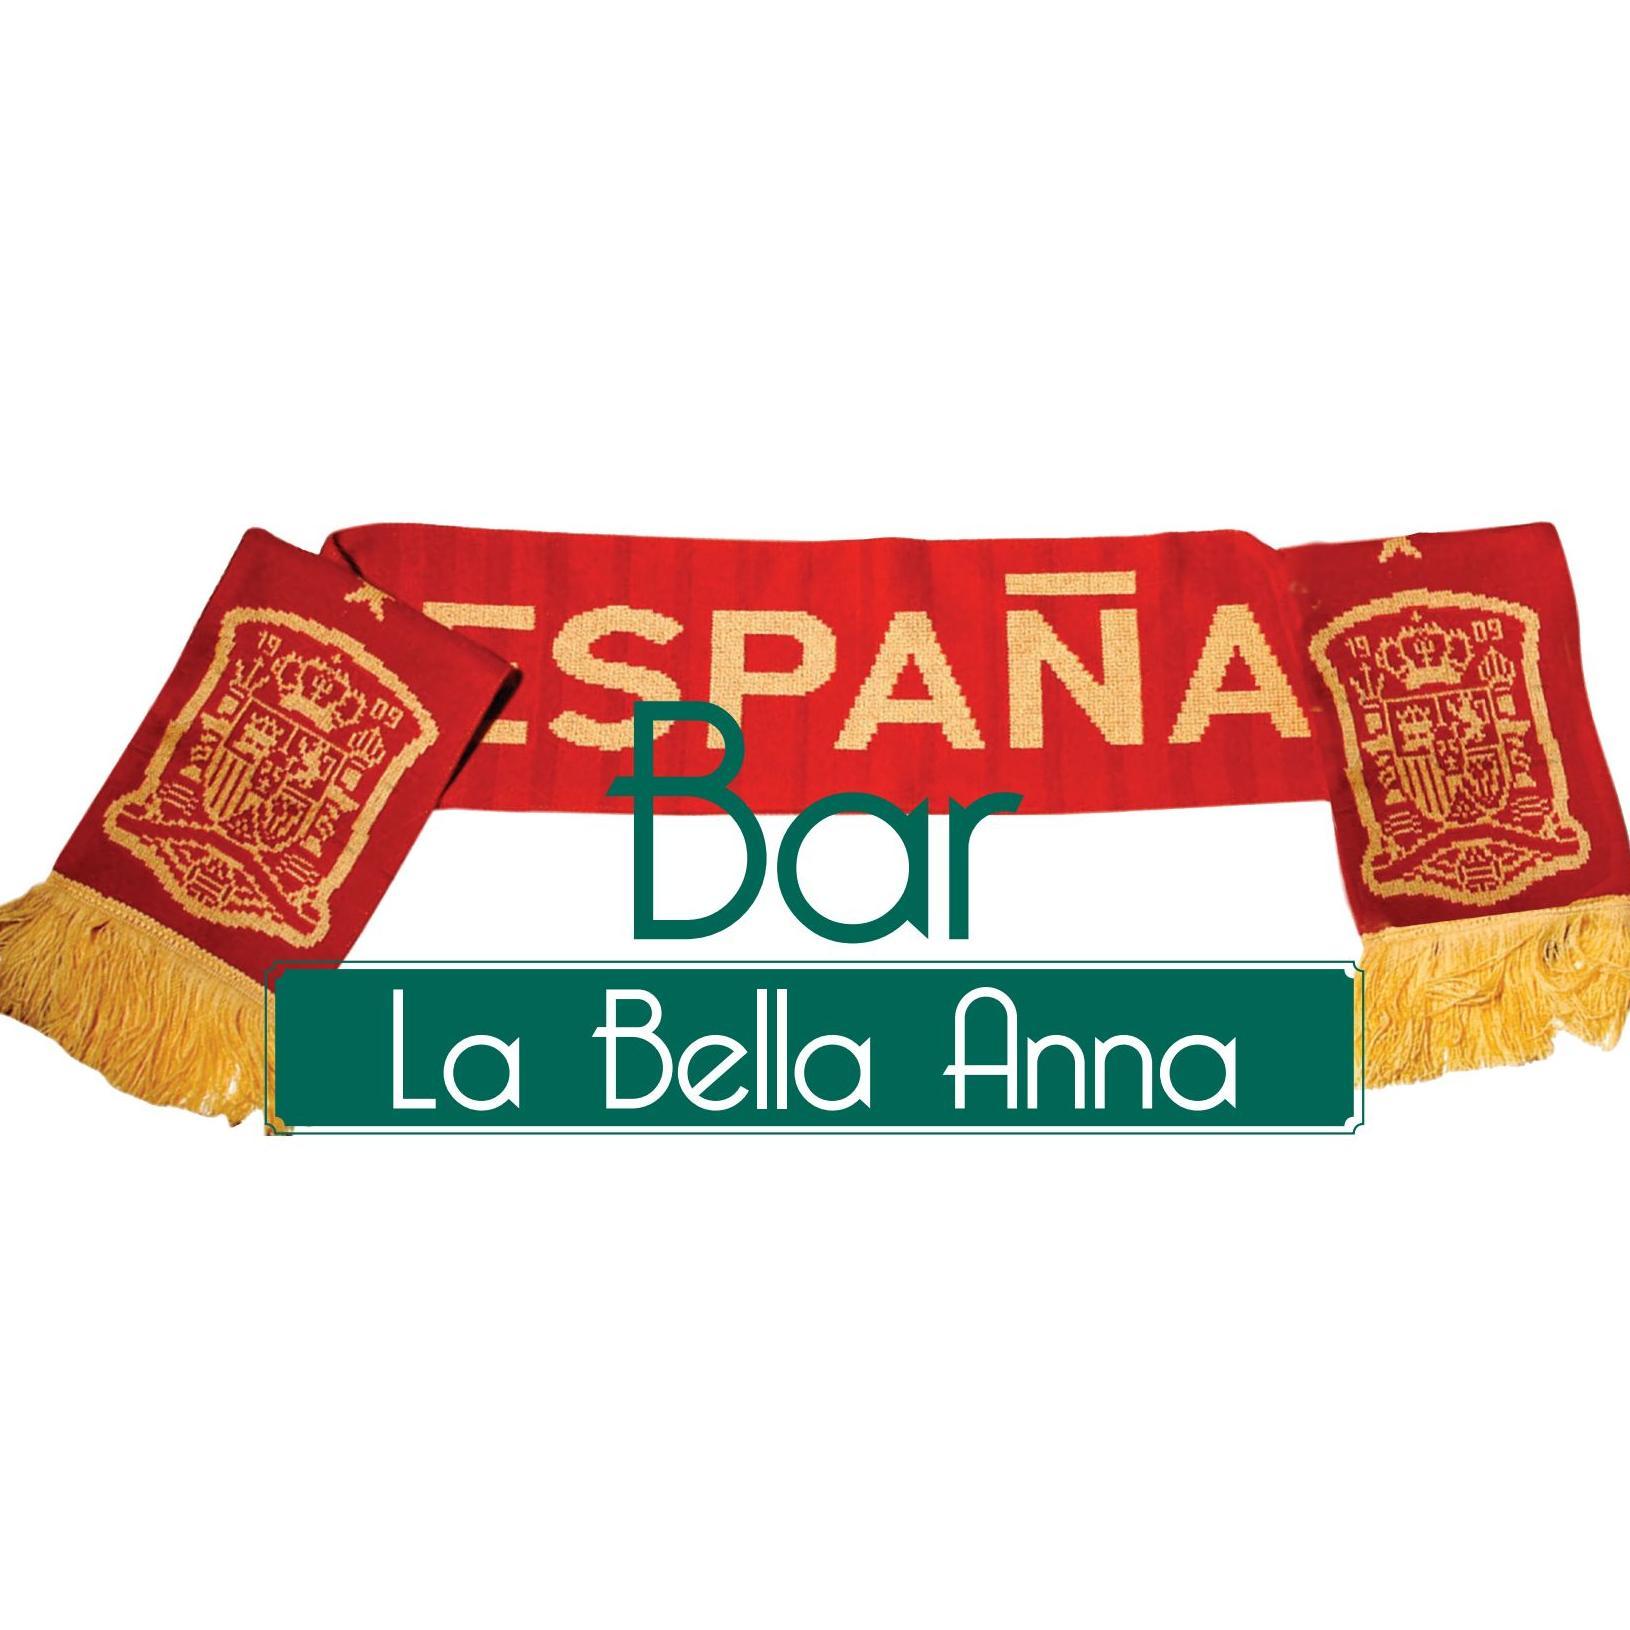 A elegir 2 entradas par compartir: Carta y Menús de La Bella Anna